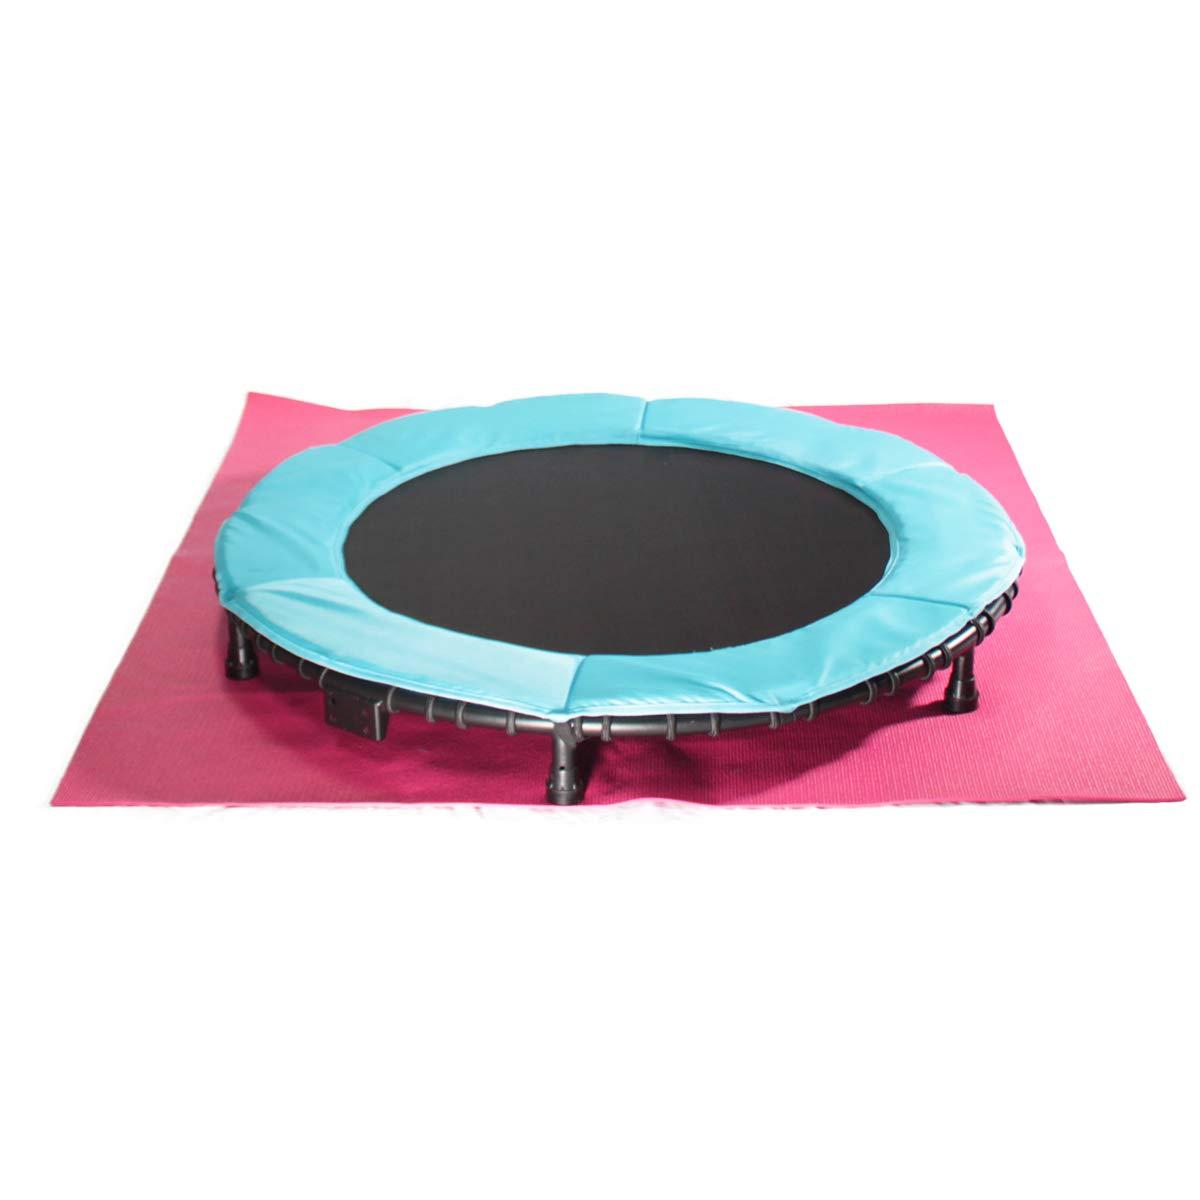 中旺ヘルス ジャンポリン(R) ブルー トランポリン ゴム式 高さ2段階調節可能 低床設計 直径70㎝ ゴムマット付き CH-40B   B079H1C8F3